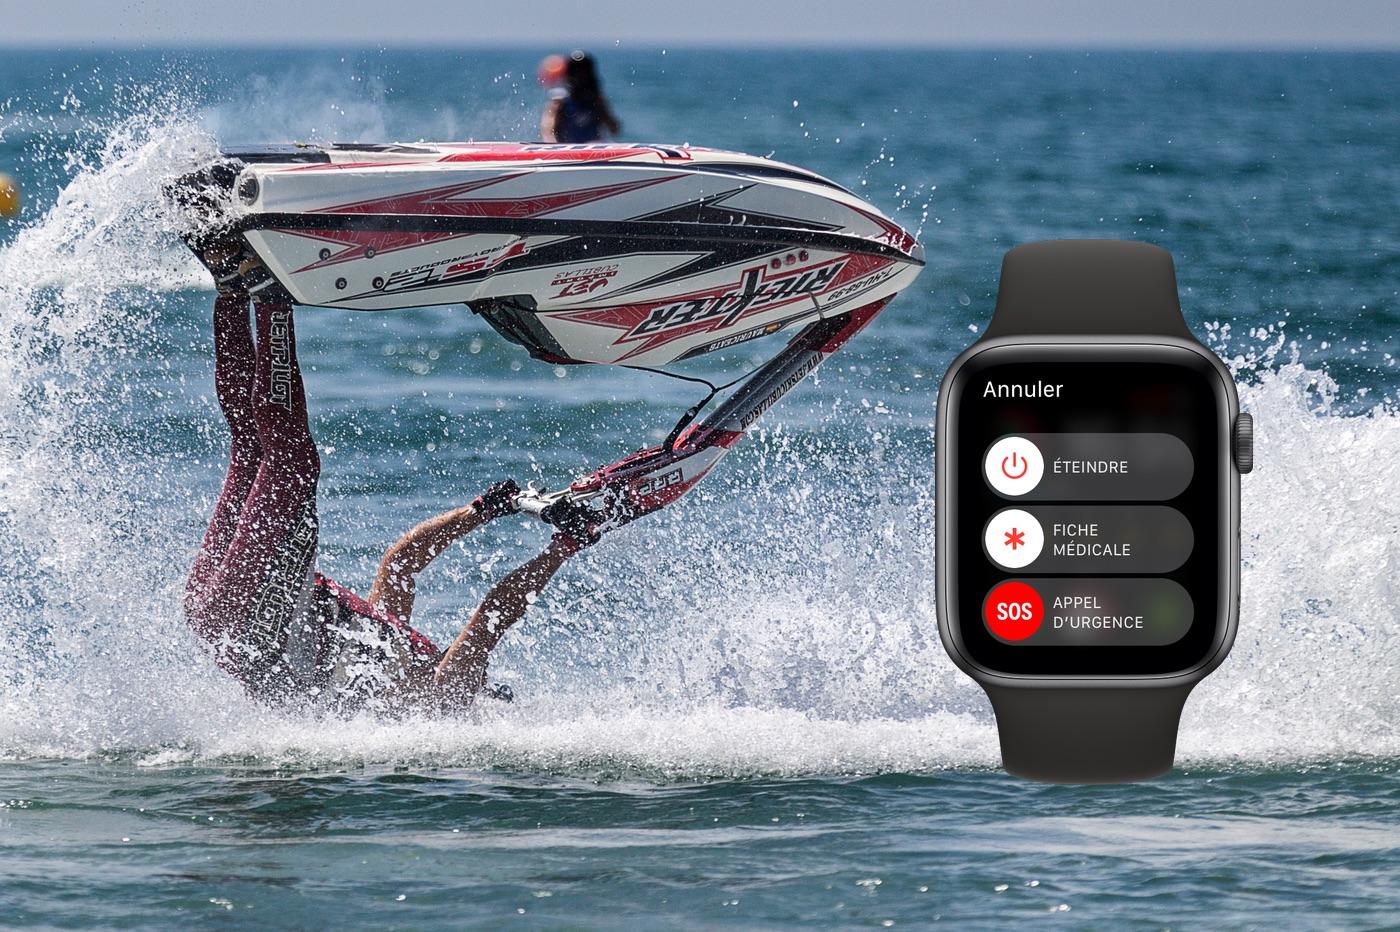 Ejecté de son jet ski, l'Apple Watch lui sauve la vie 1